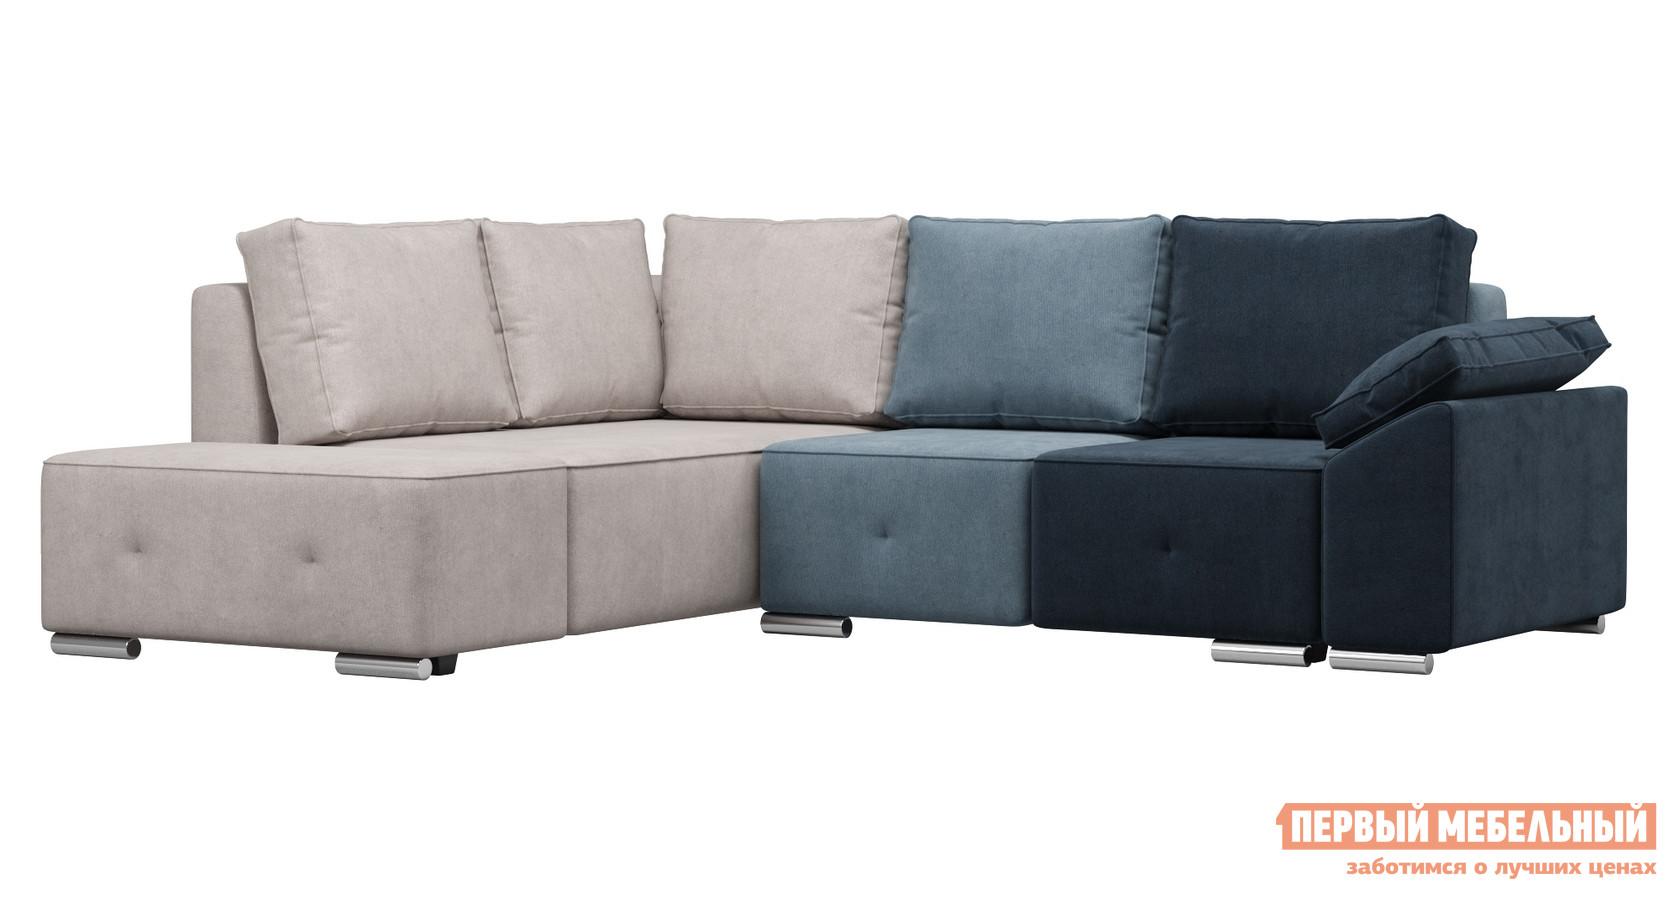 Угловой диван WOODCRAFT Фанки комплект с канапе диван угловой woodcraft вендор джеральд 3 универсальный